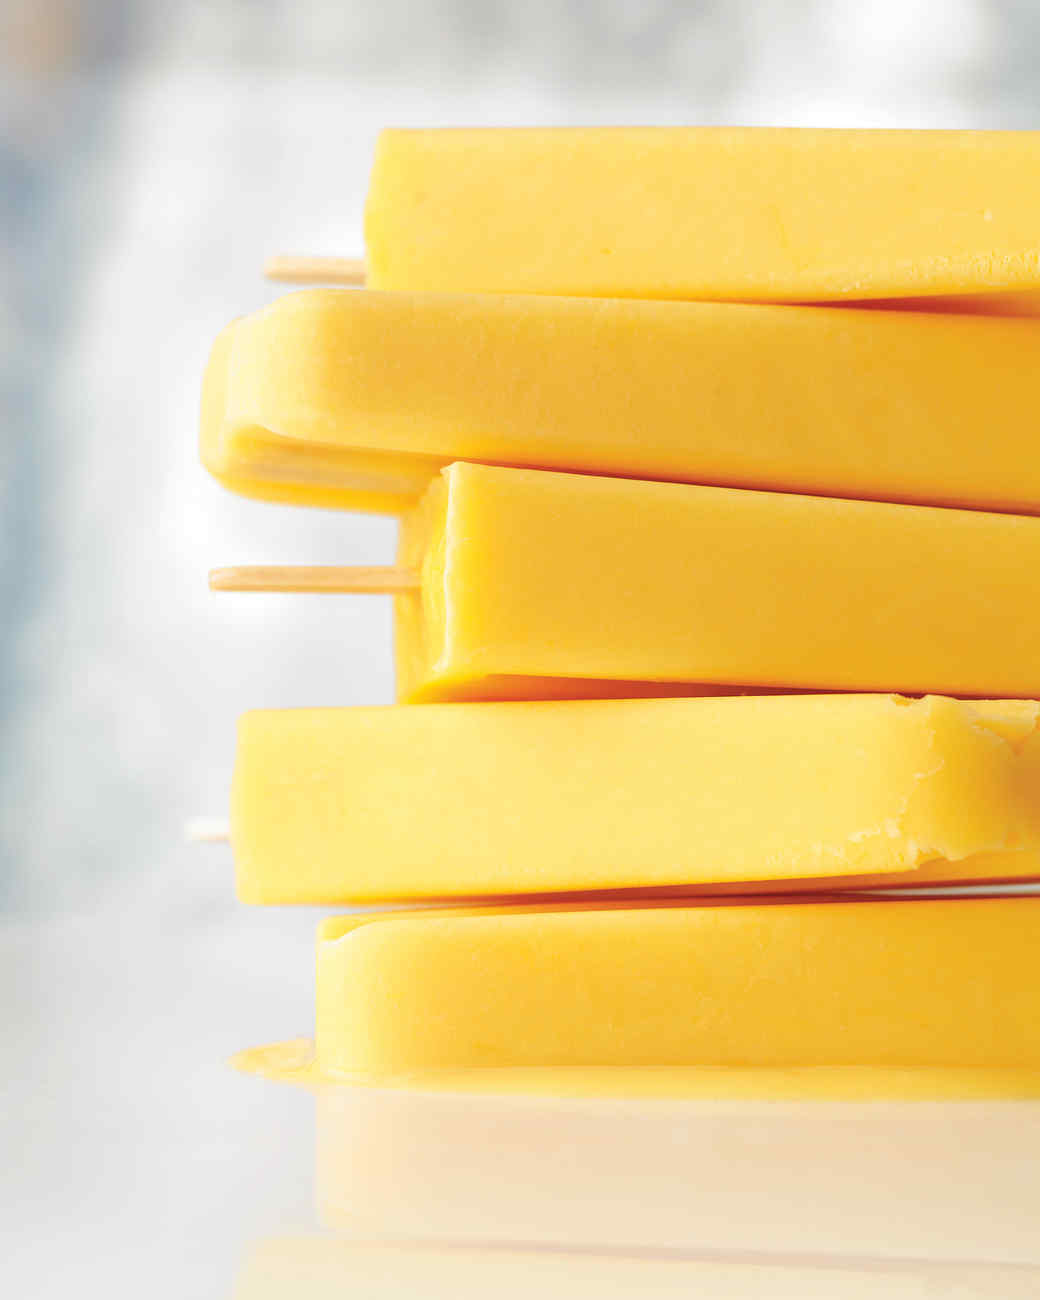 creamy-orange-popsicle-med108462.jpg